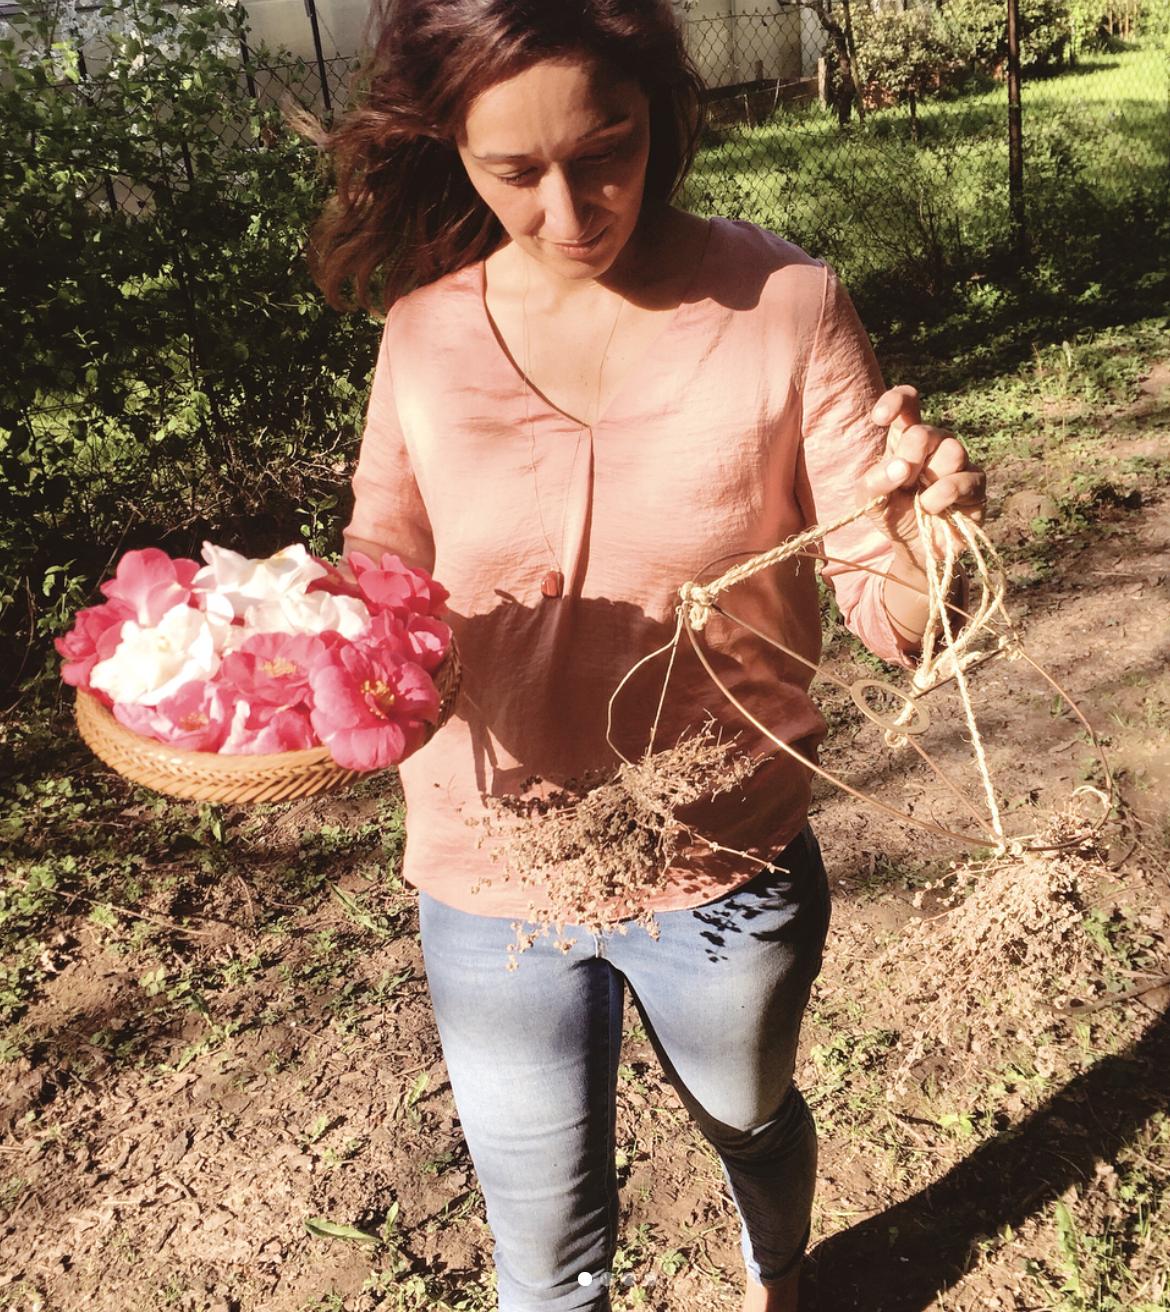 essbare blüten anpflanzen selbstversorgung #gartenliebe